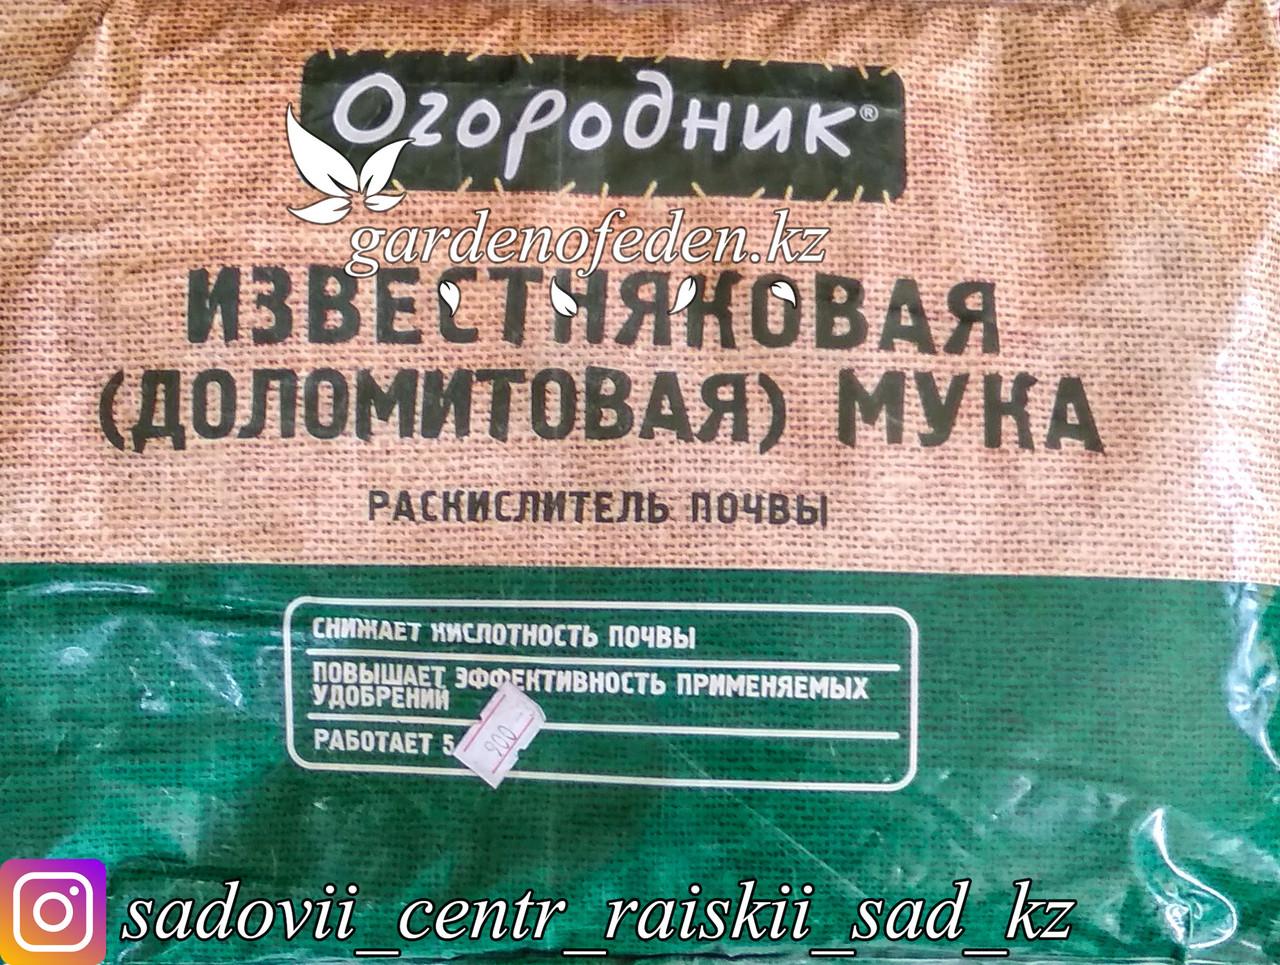 """Известняковая (доломитовая) мука """"Огородник"""". 2кг."""